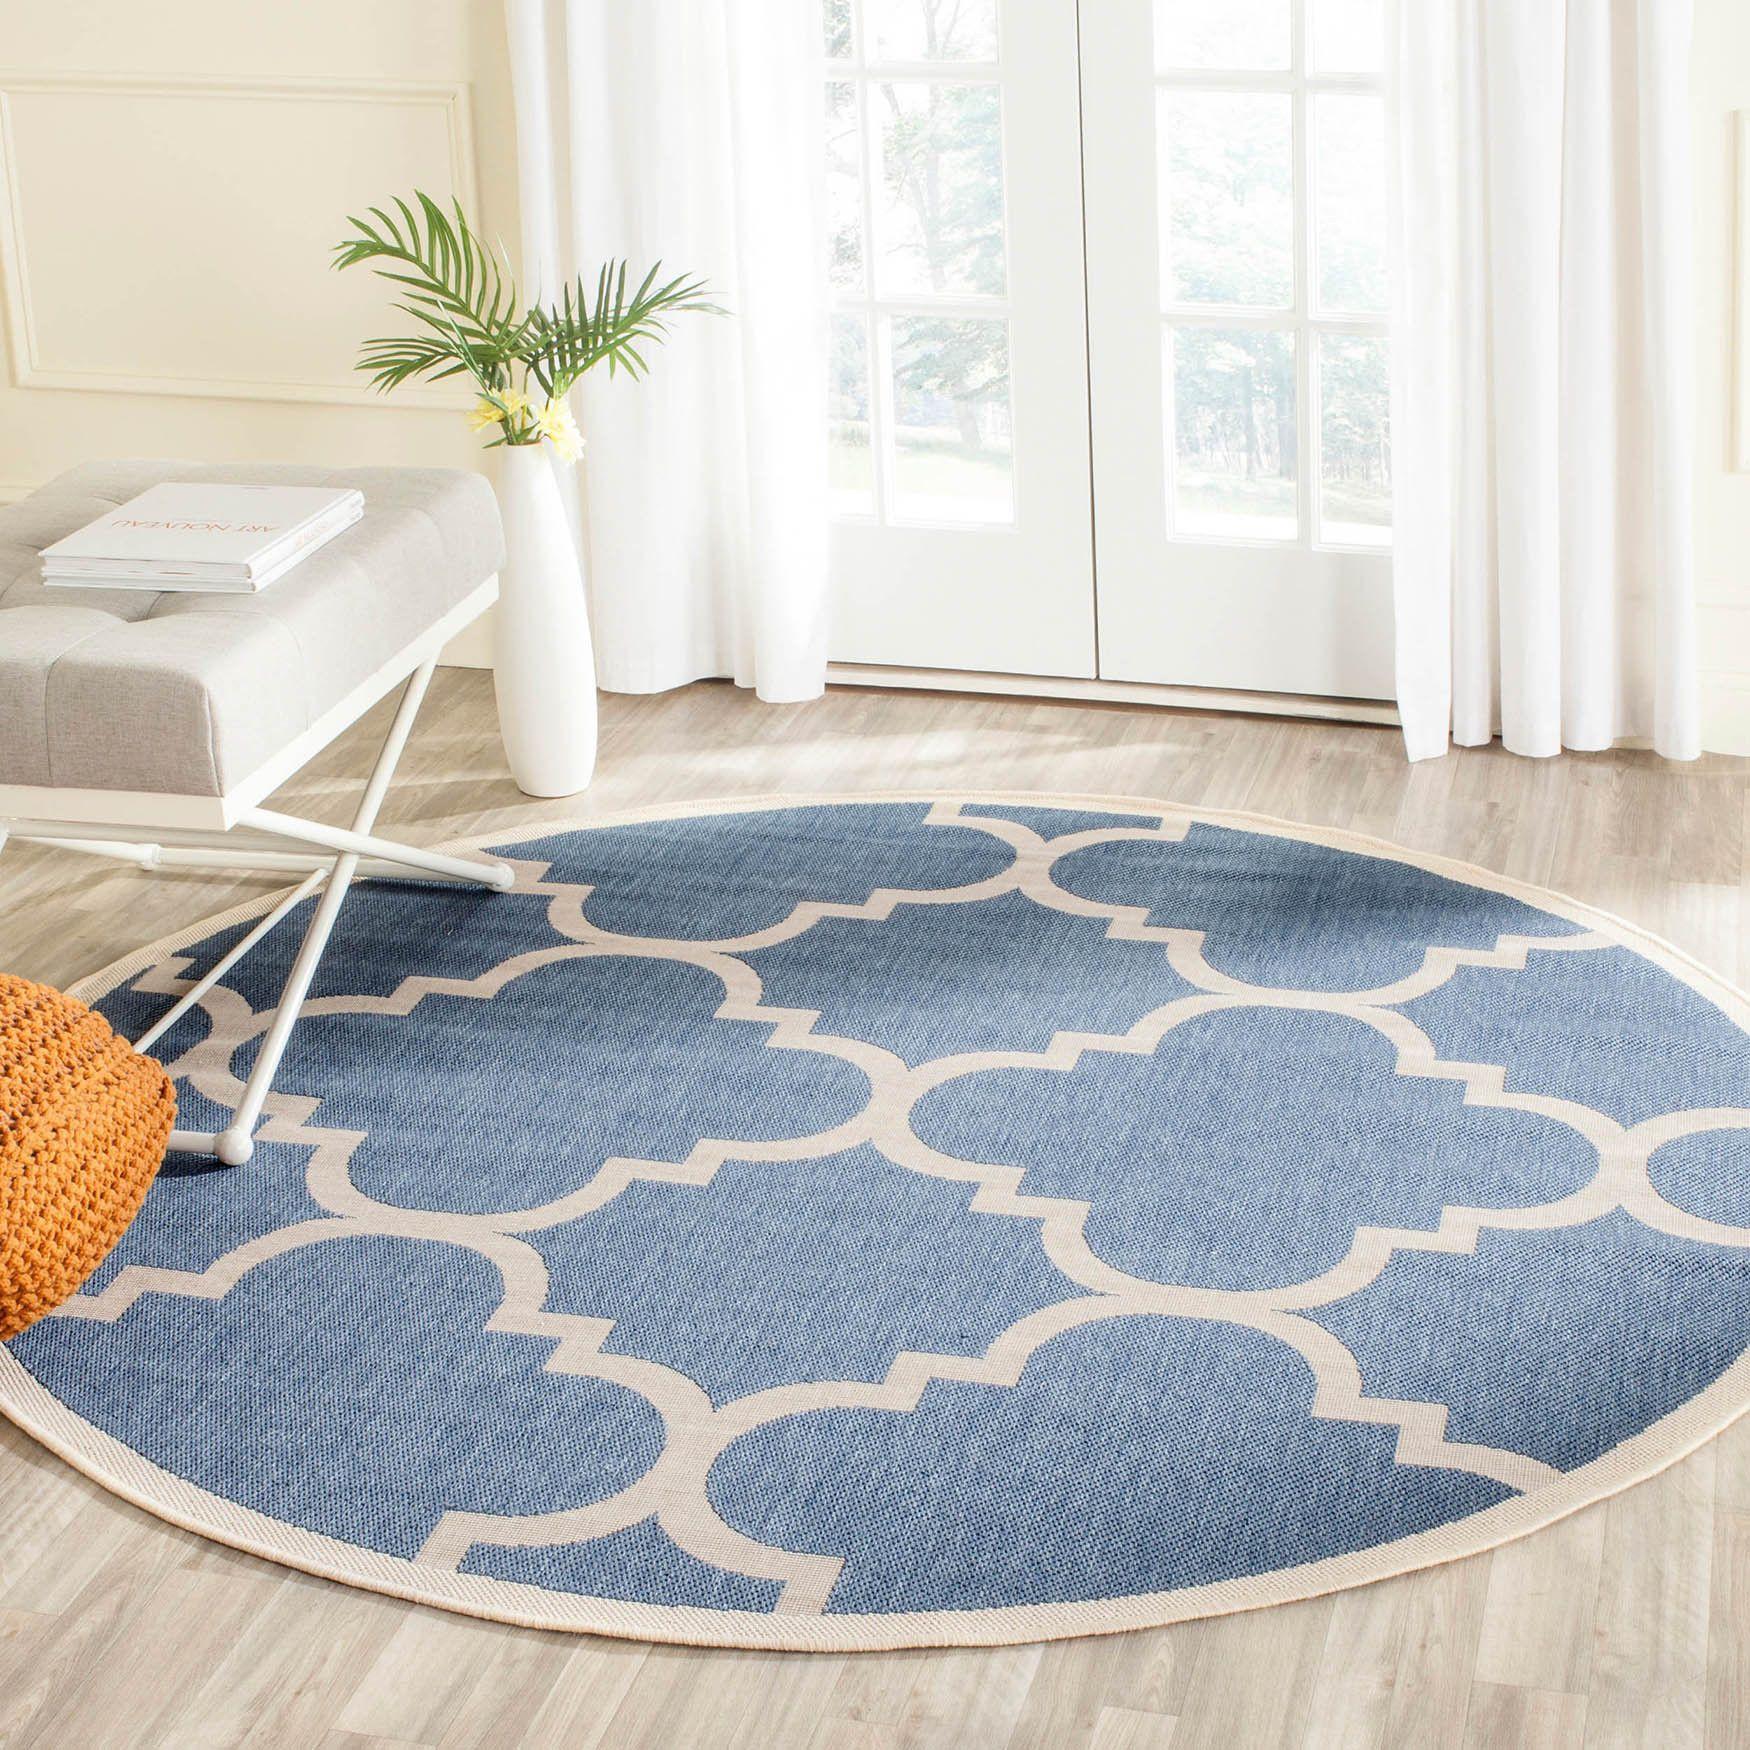 Safavieh Indoor Outdoor Courtyard Blue Beige Rug 4 Round Size